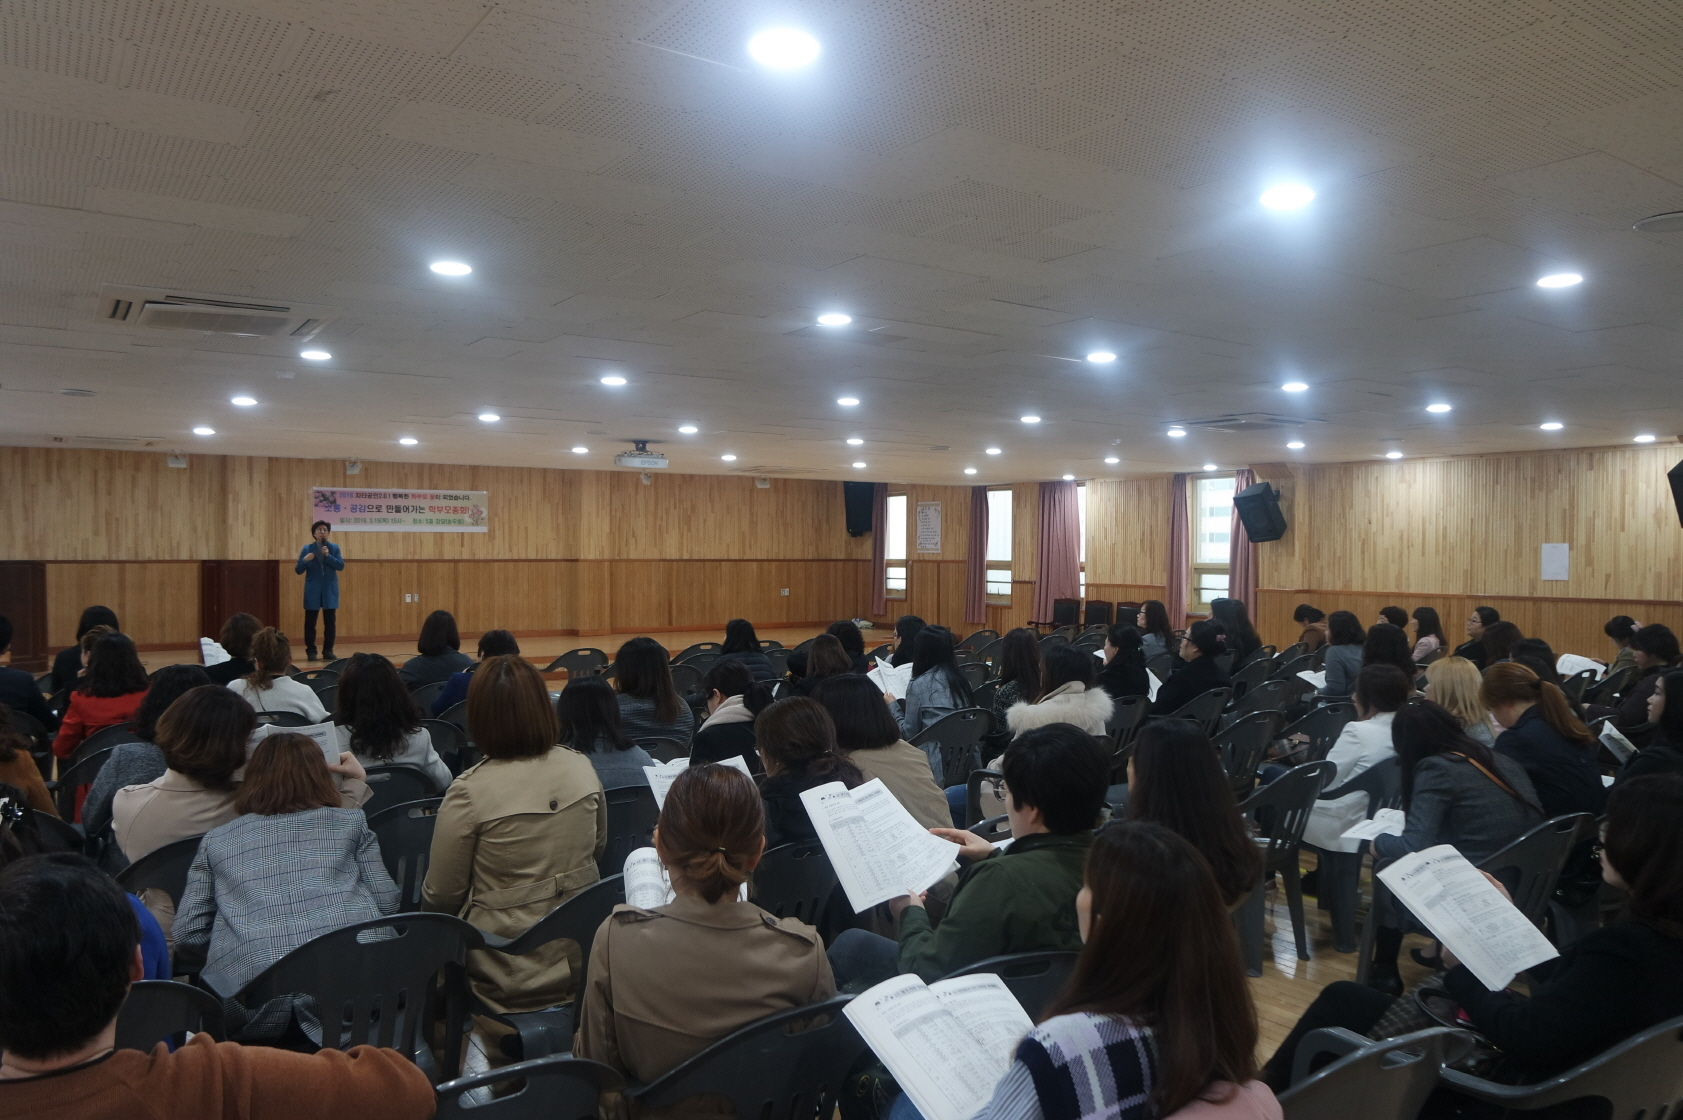 [일반]  2018학년도 소통과공감으로 만들어가는 학부모총회의 첨부이미지 6